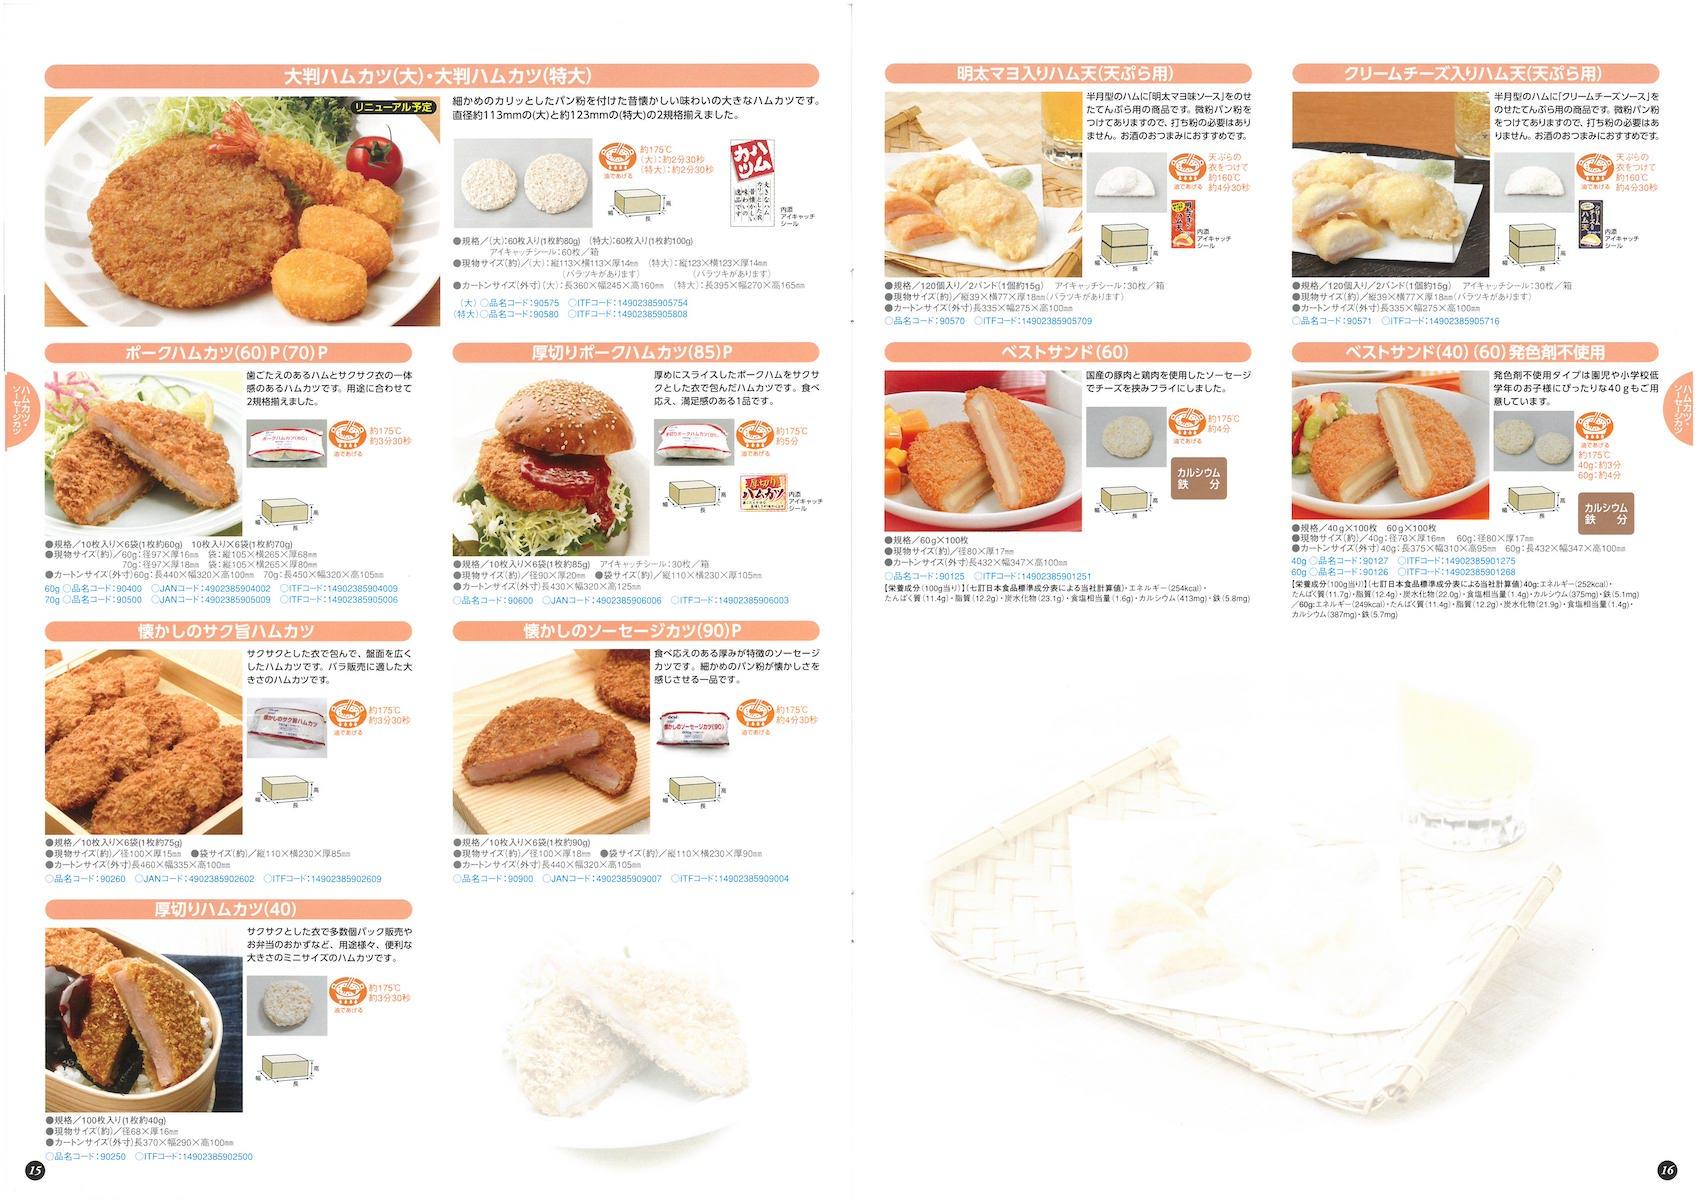 日東ベスト2019業務用食品総合カタログ Best Selection